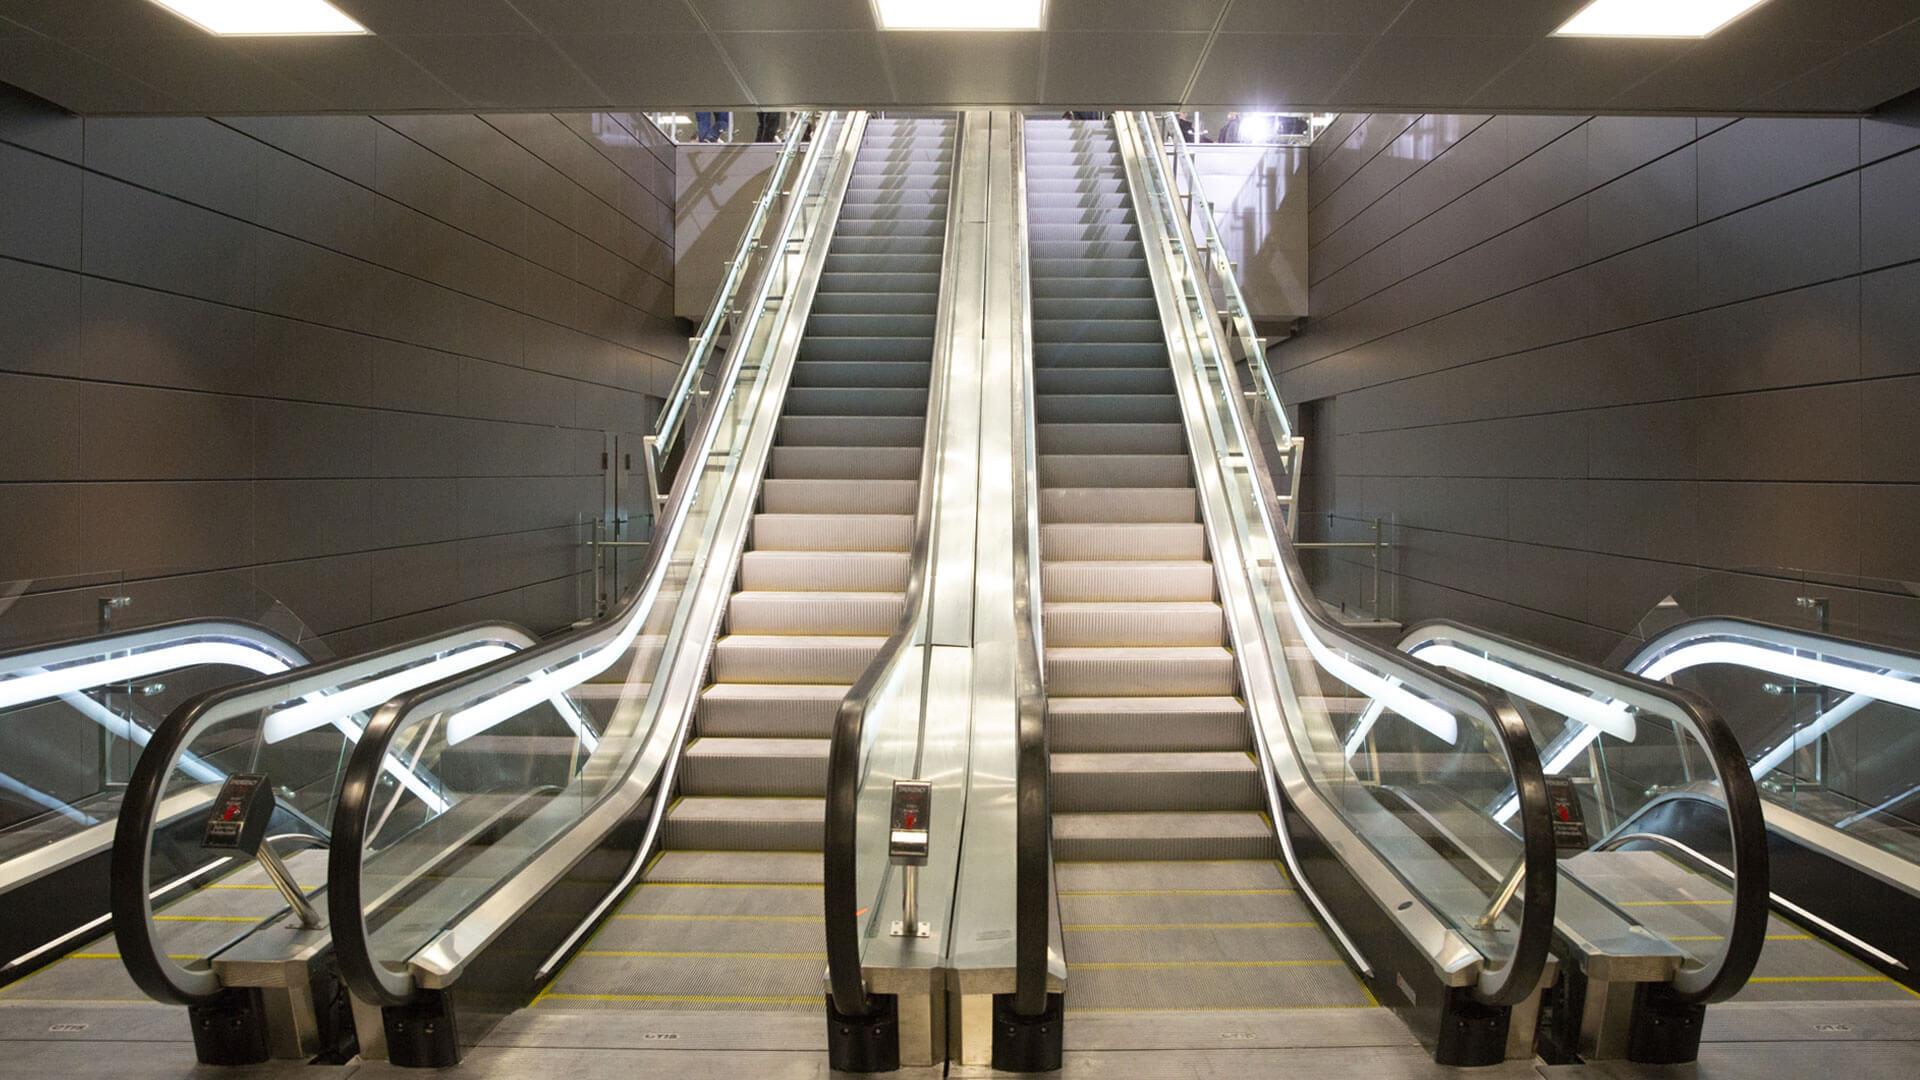 κυλιόμενες σκάλες μετρό 2